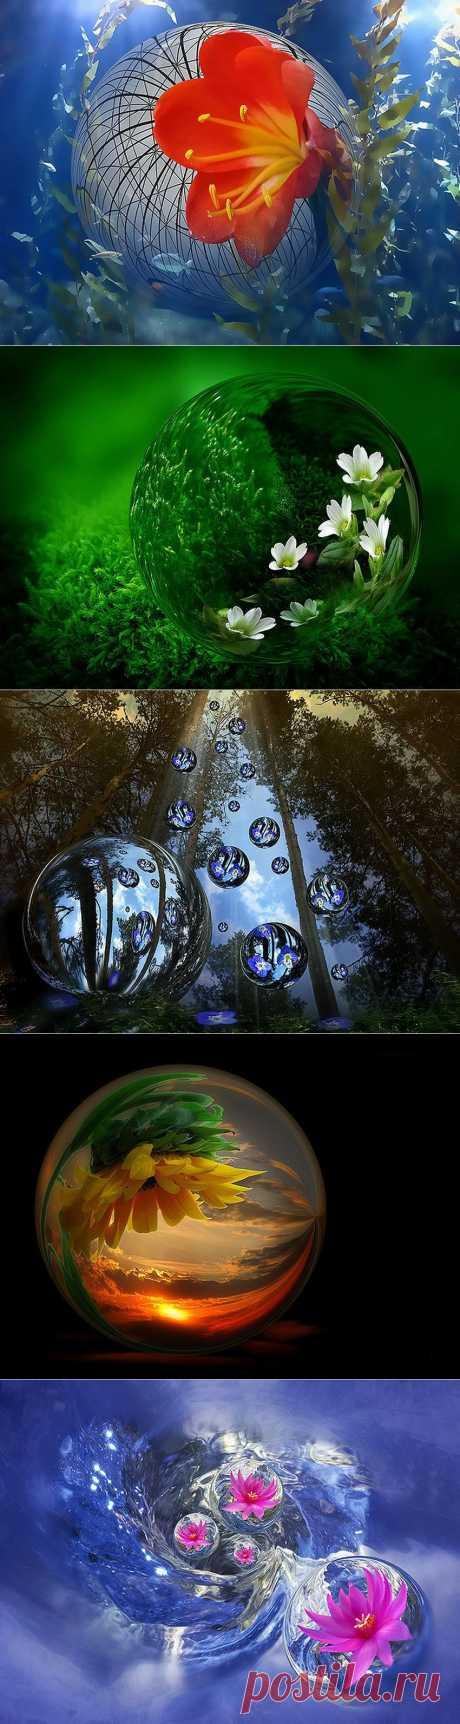 Прозрачная капелька воды... Такая малость, всего лишь одна единственная буква в  поэме природы о красоте. Росинка, наполнившая чашечку цветка и вобравшая в себя огромное небо. Капля дождя, которая заканчивая свой путь по  лабиринту веток, вдруг замерла и в зеркальной сфере отразила целый мир.  Брызги фонтанов, водопадов, гирляндами спадающие в радужном свете, и в  каждой капельке своя радуга. А ведь можно пройти и не заметить....  Поэтому фотограф Manuela Moya их увеличила для нас.